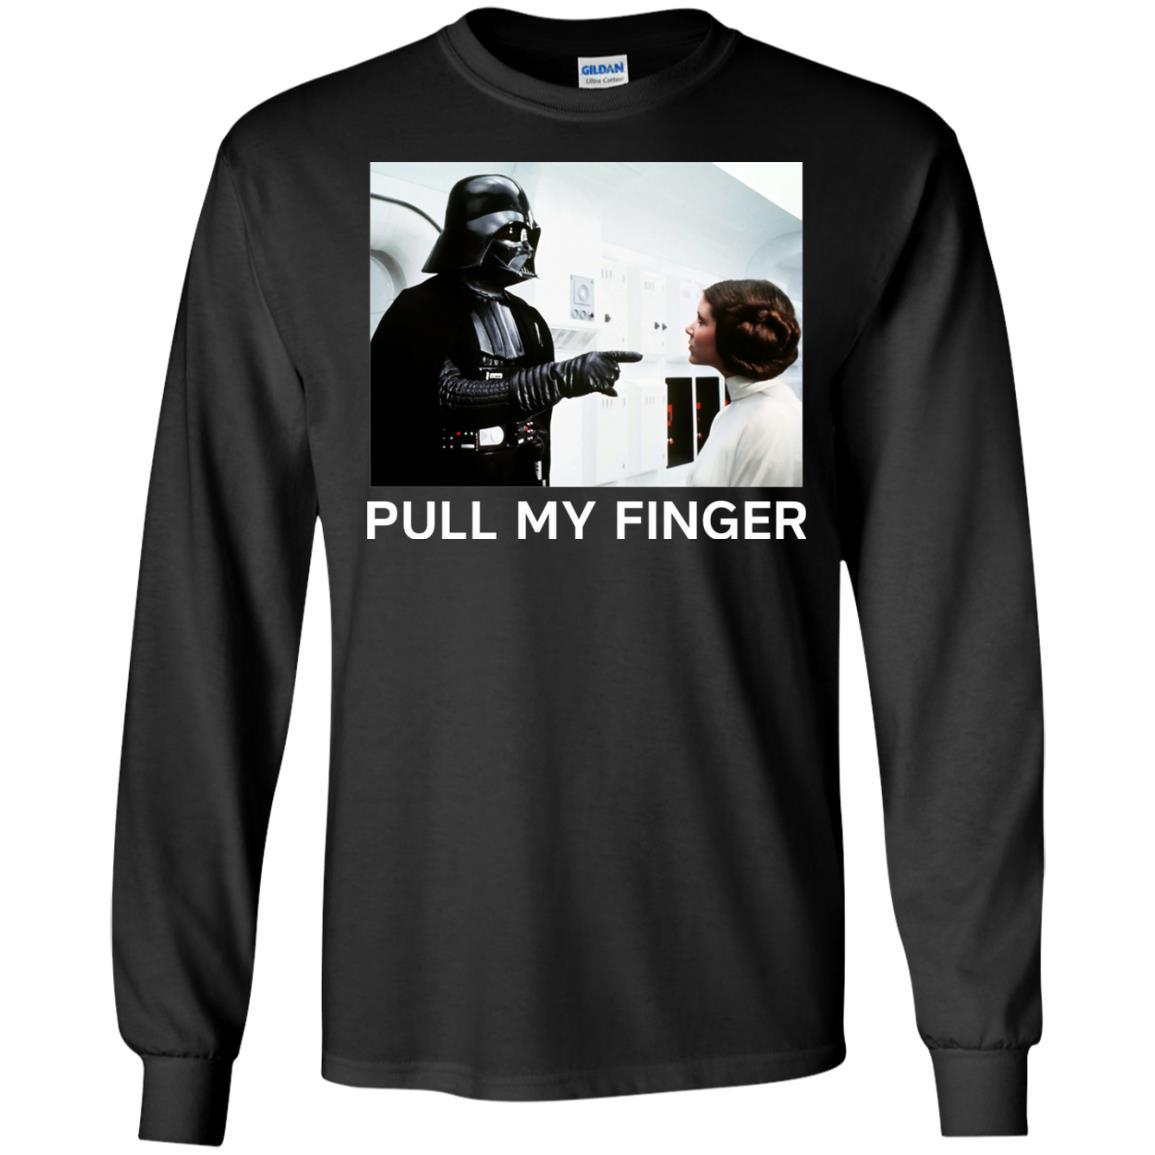 image 533 - Star Wars Darth Vader & Princess Leia: Pull My Finger shirt